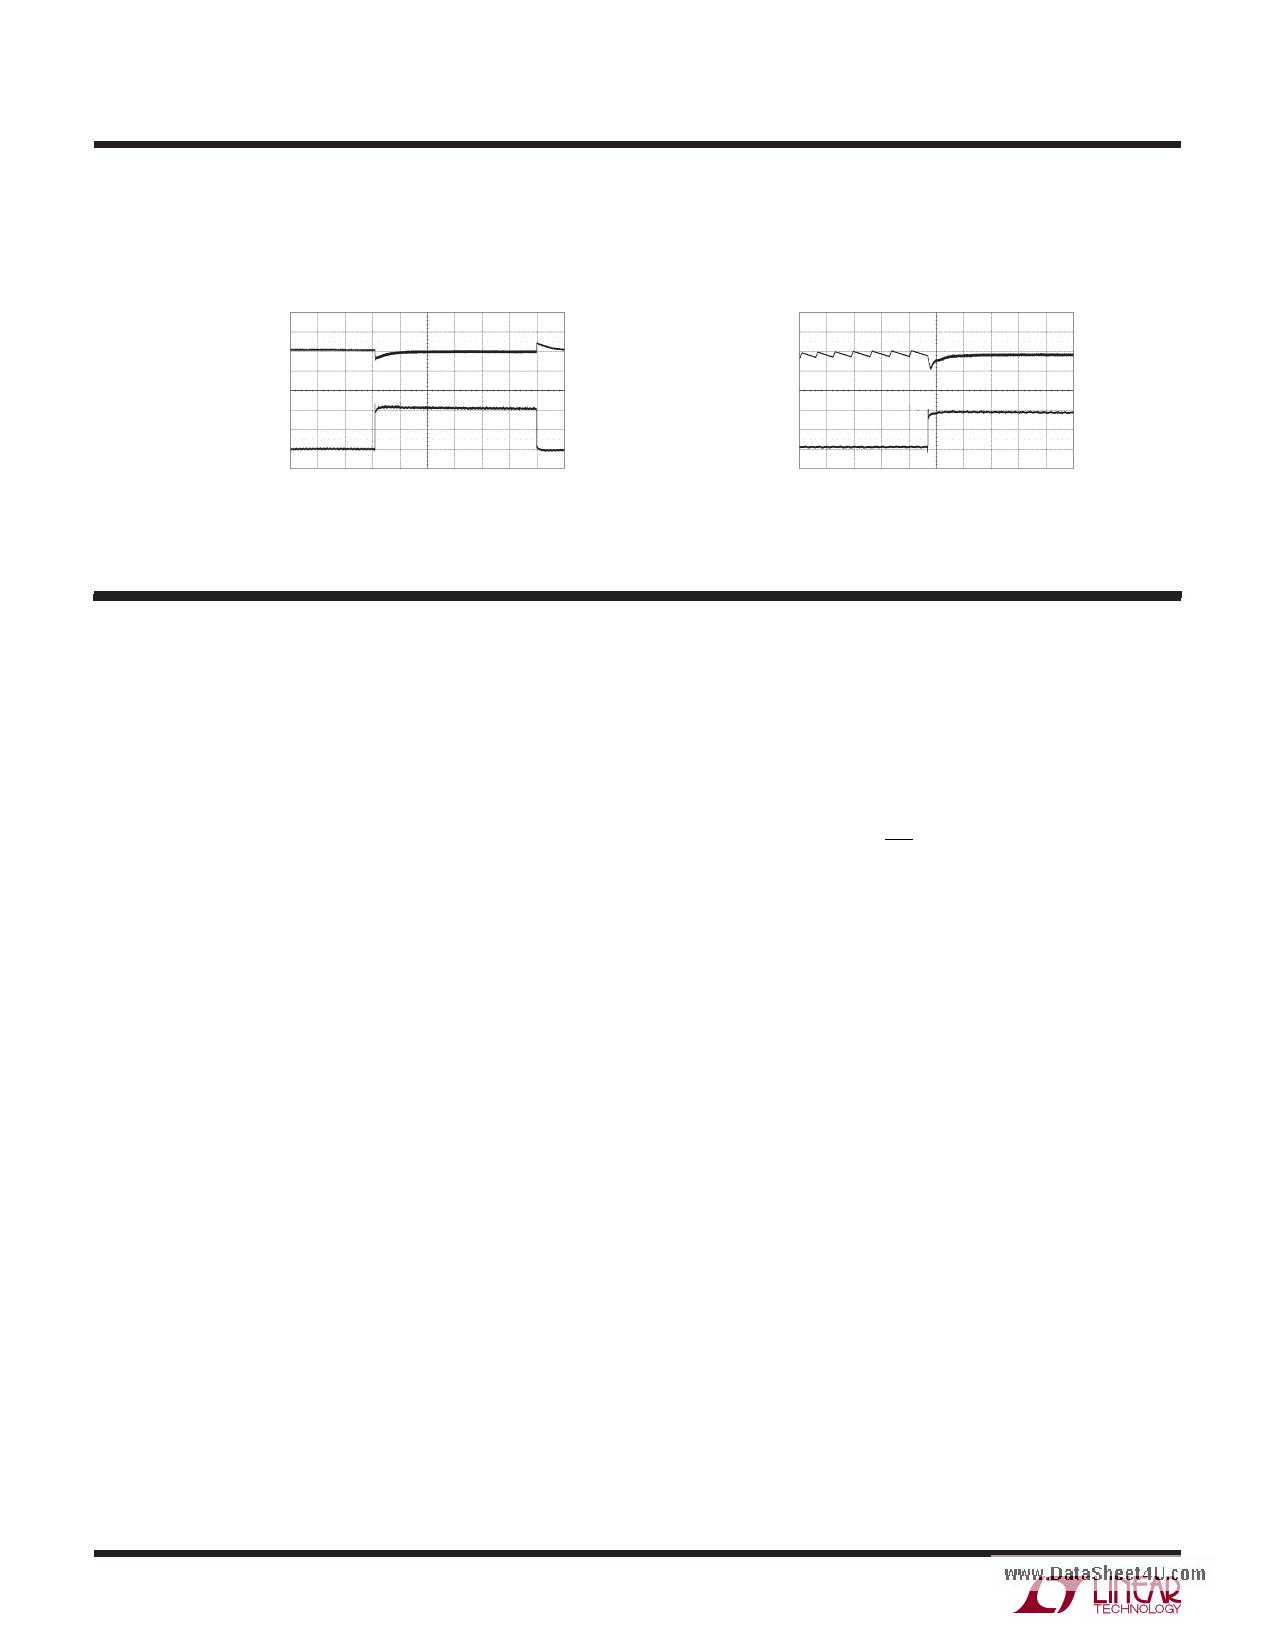 LTC3526B-2 電子部品, 半導体